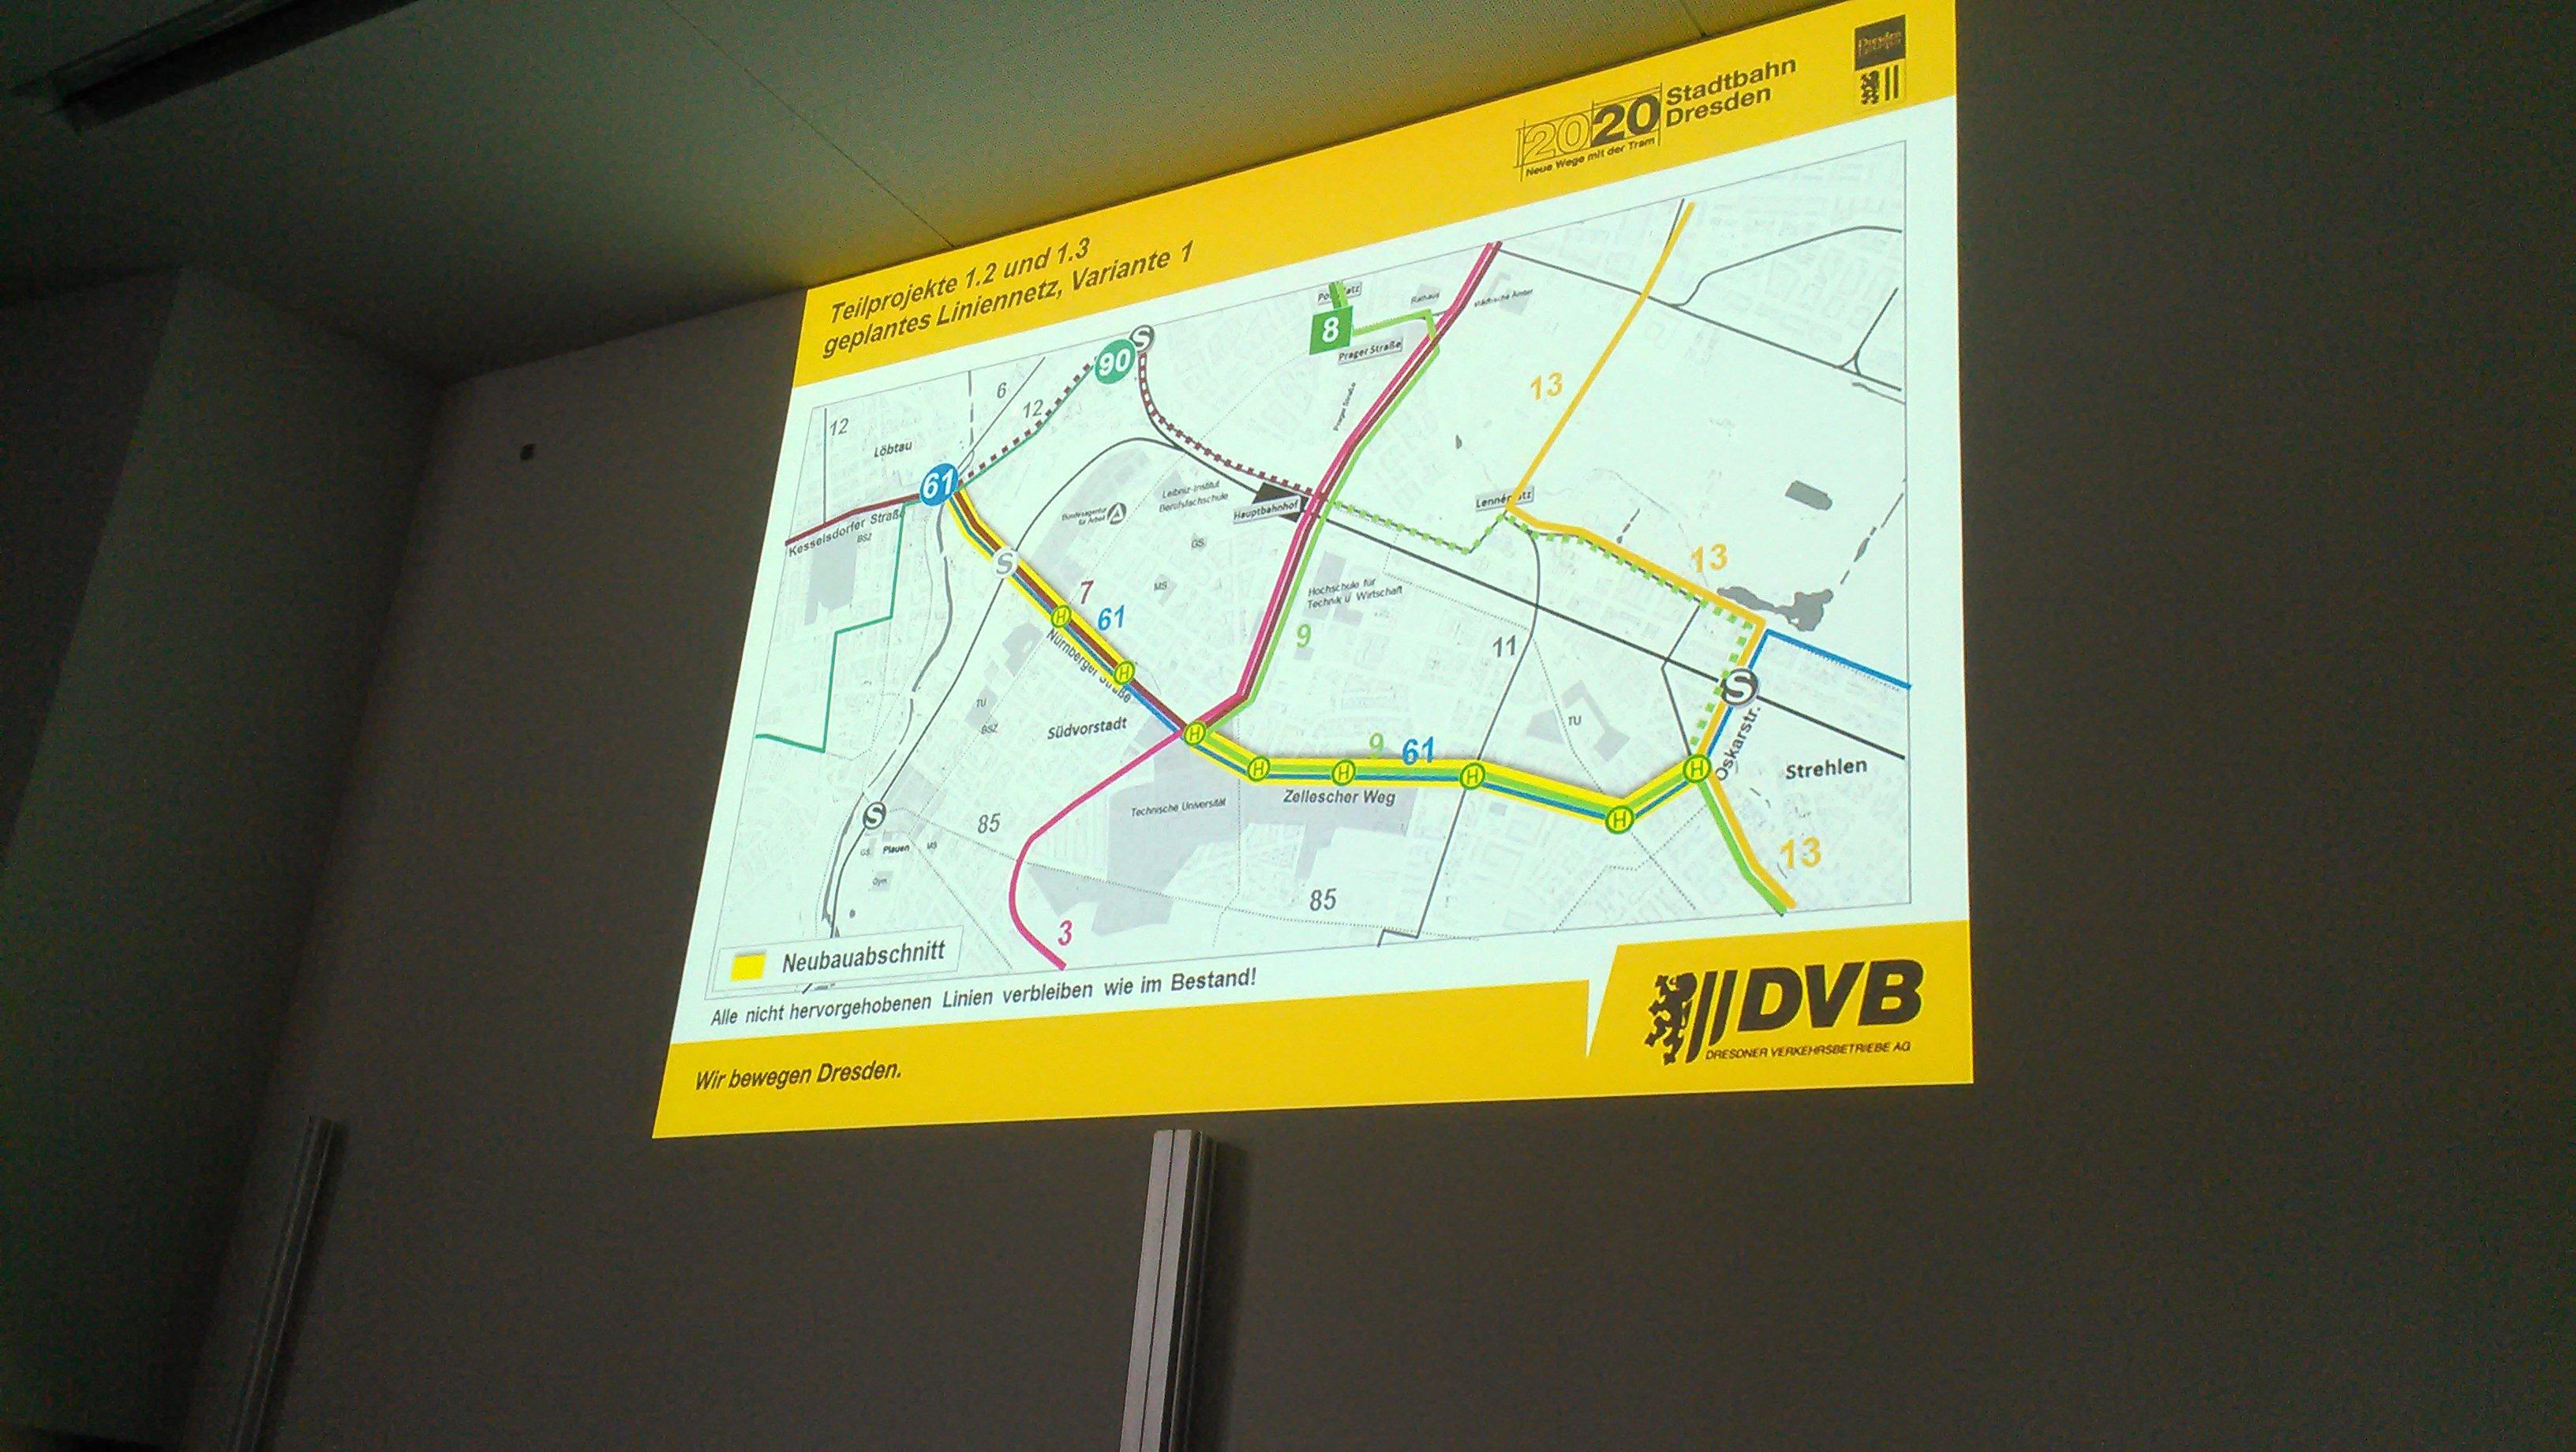 Linienführung der Stadtbahn 2020 über Nürnberger Platz und Zelleschen Weg